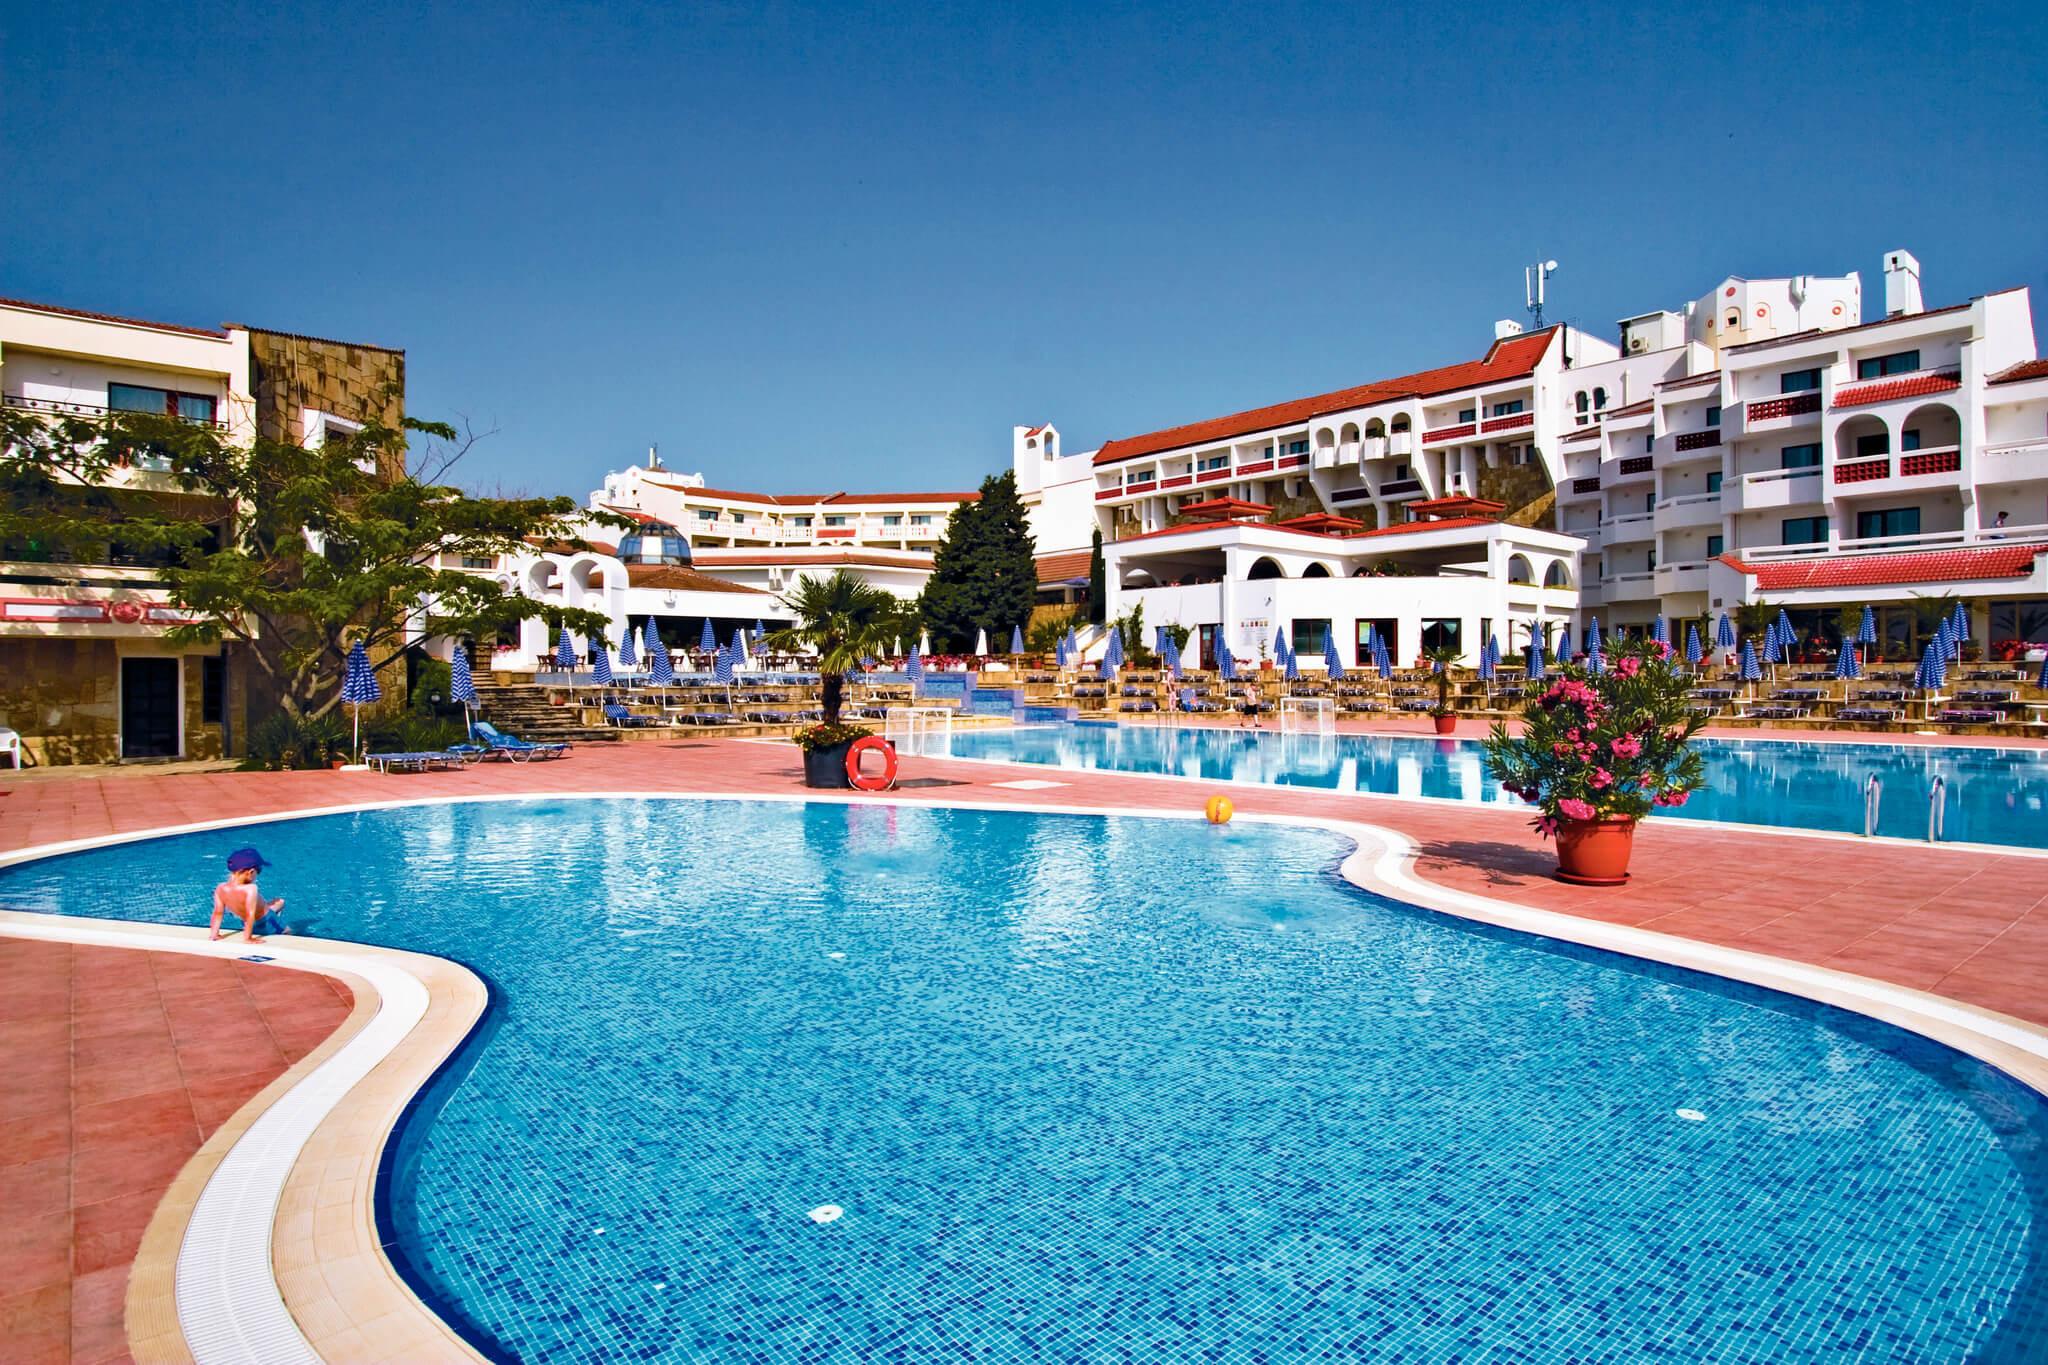 Хотел Пеликан - басейн